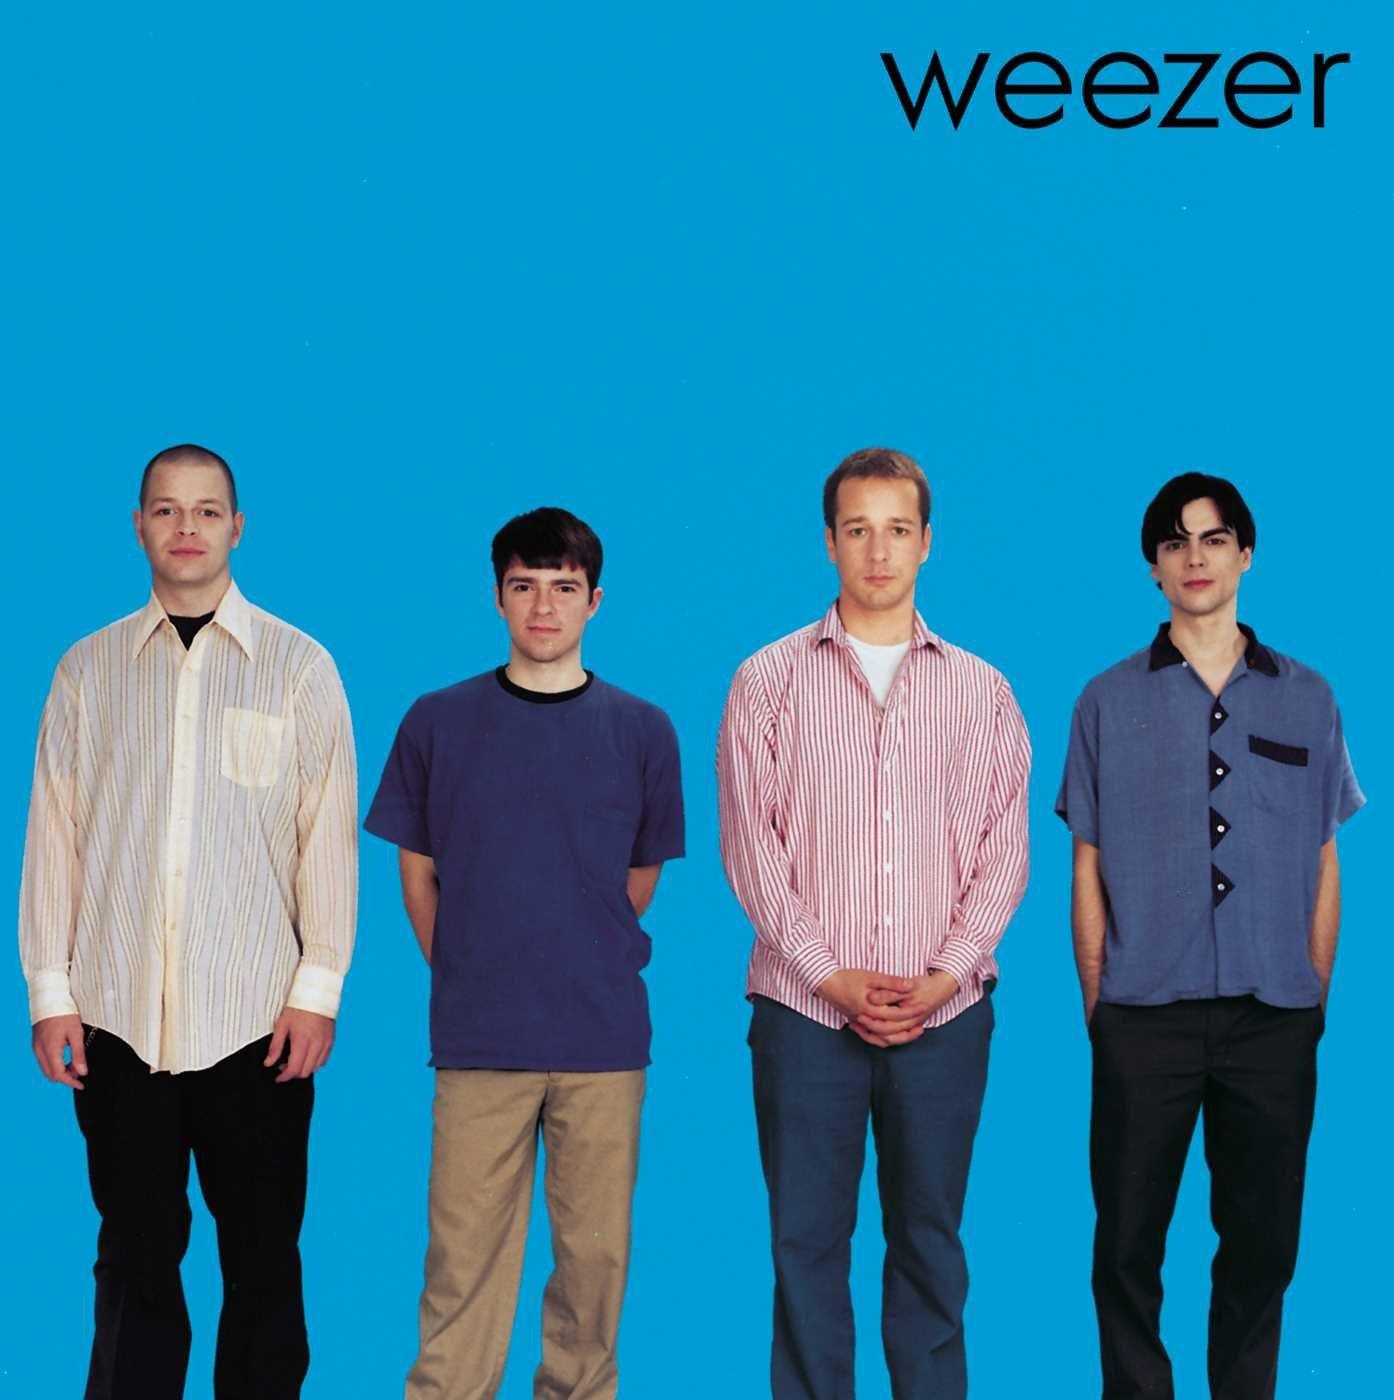 Weezer - Weezer (Blue Album) - Amazon.com Music